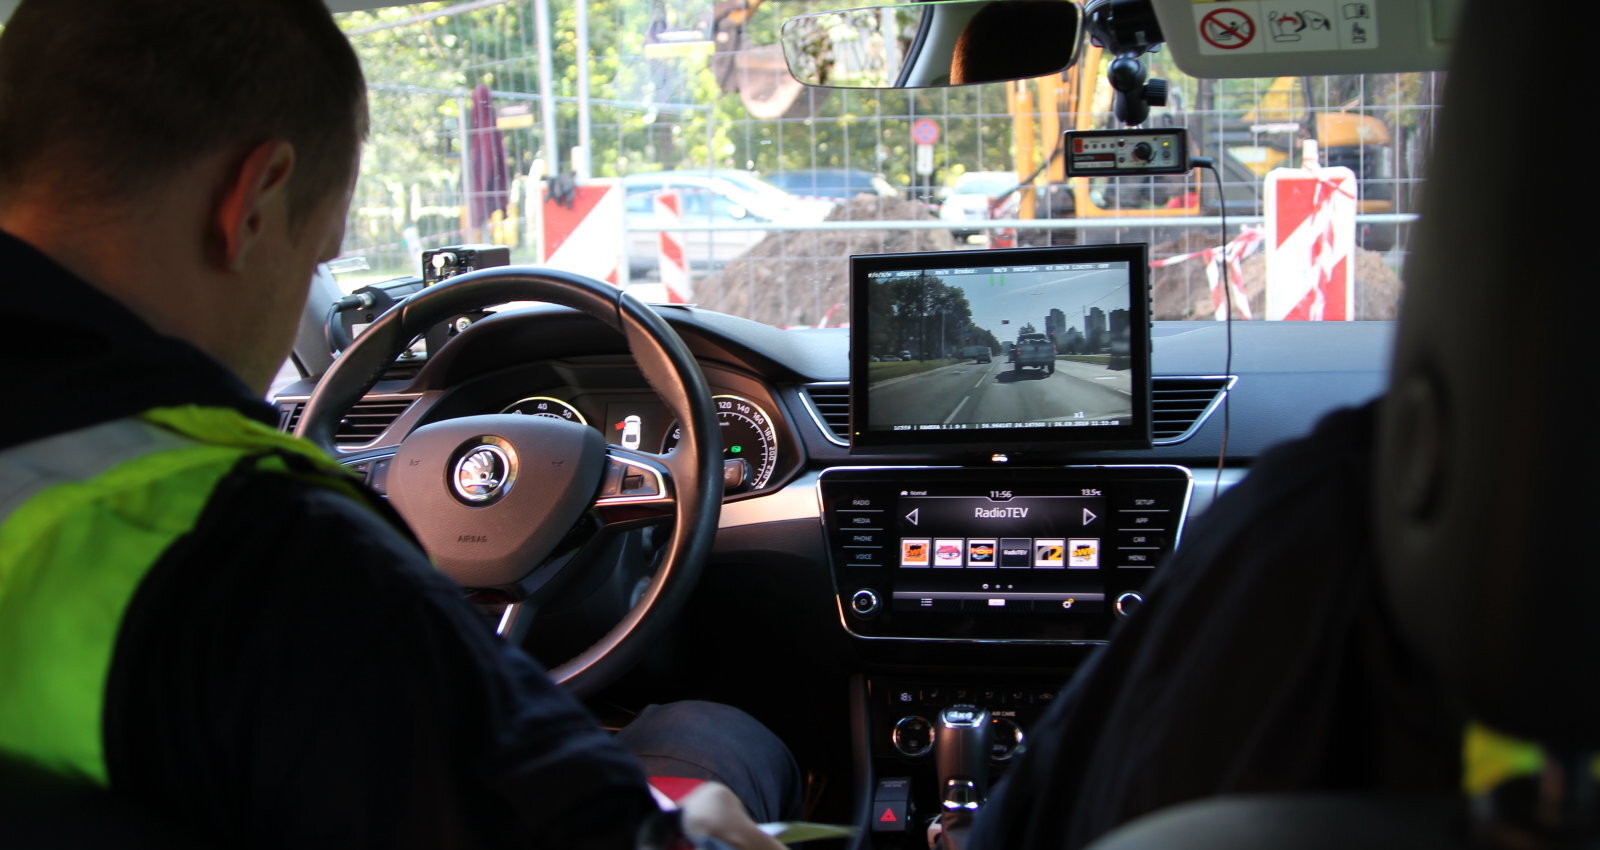 Встроенный антирадар и телефоны за рулем. Полиция провела массовый рейд на дорогах: как это было